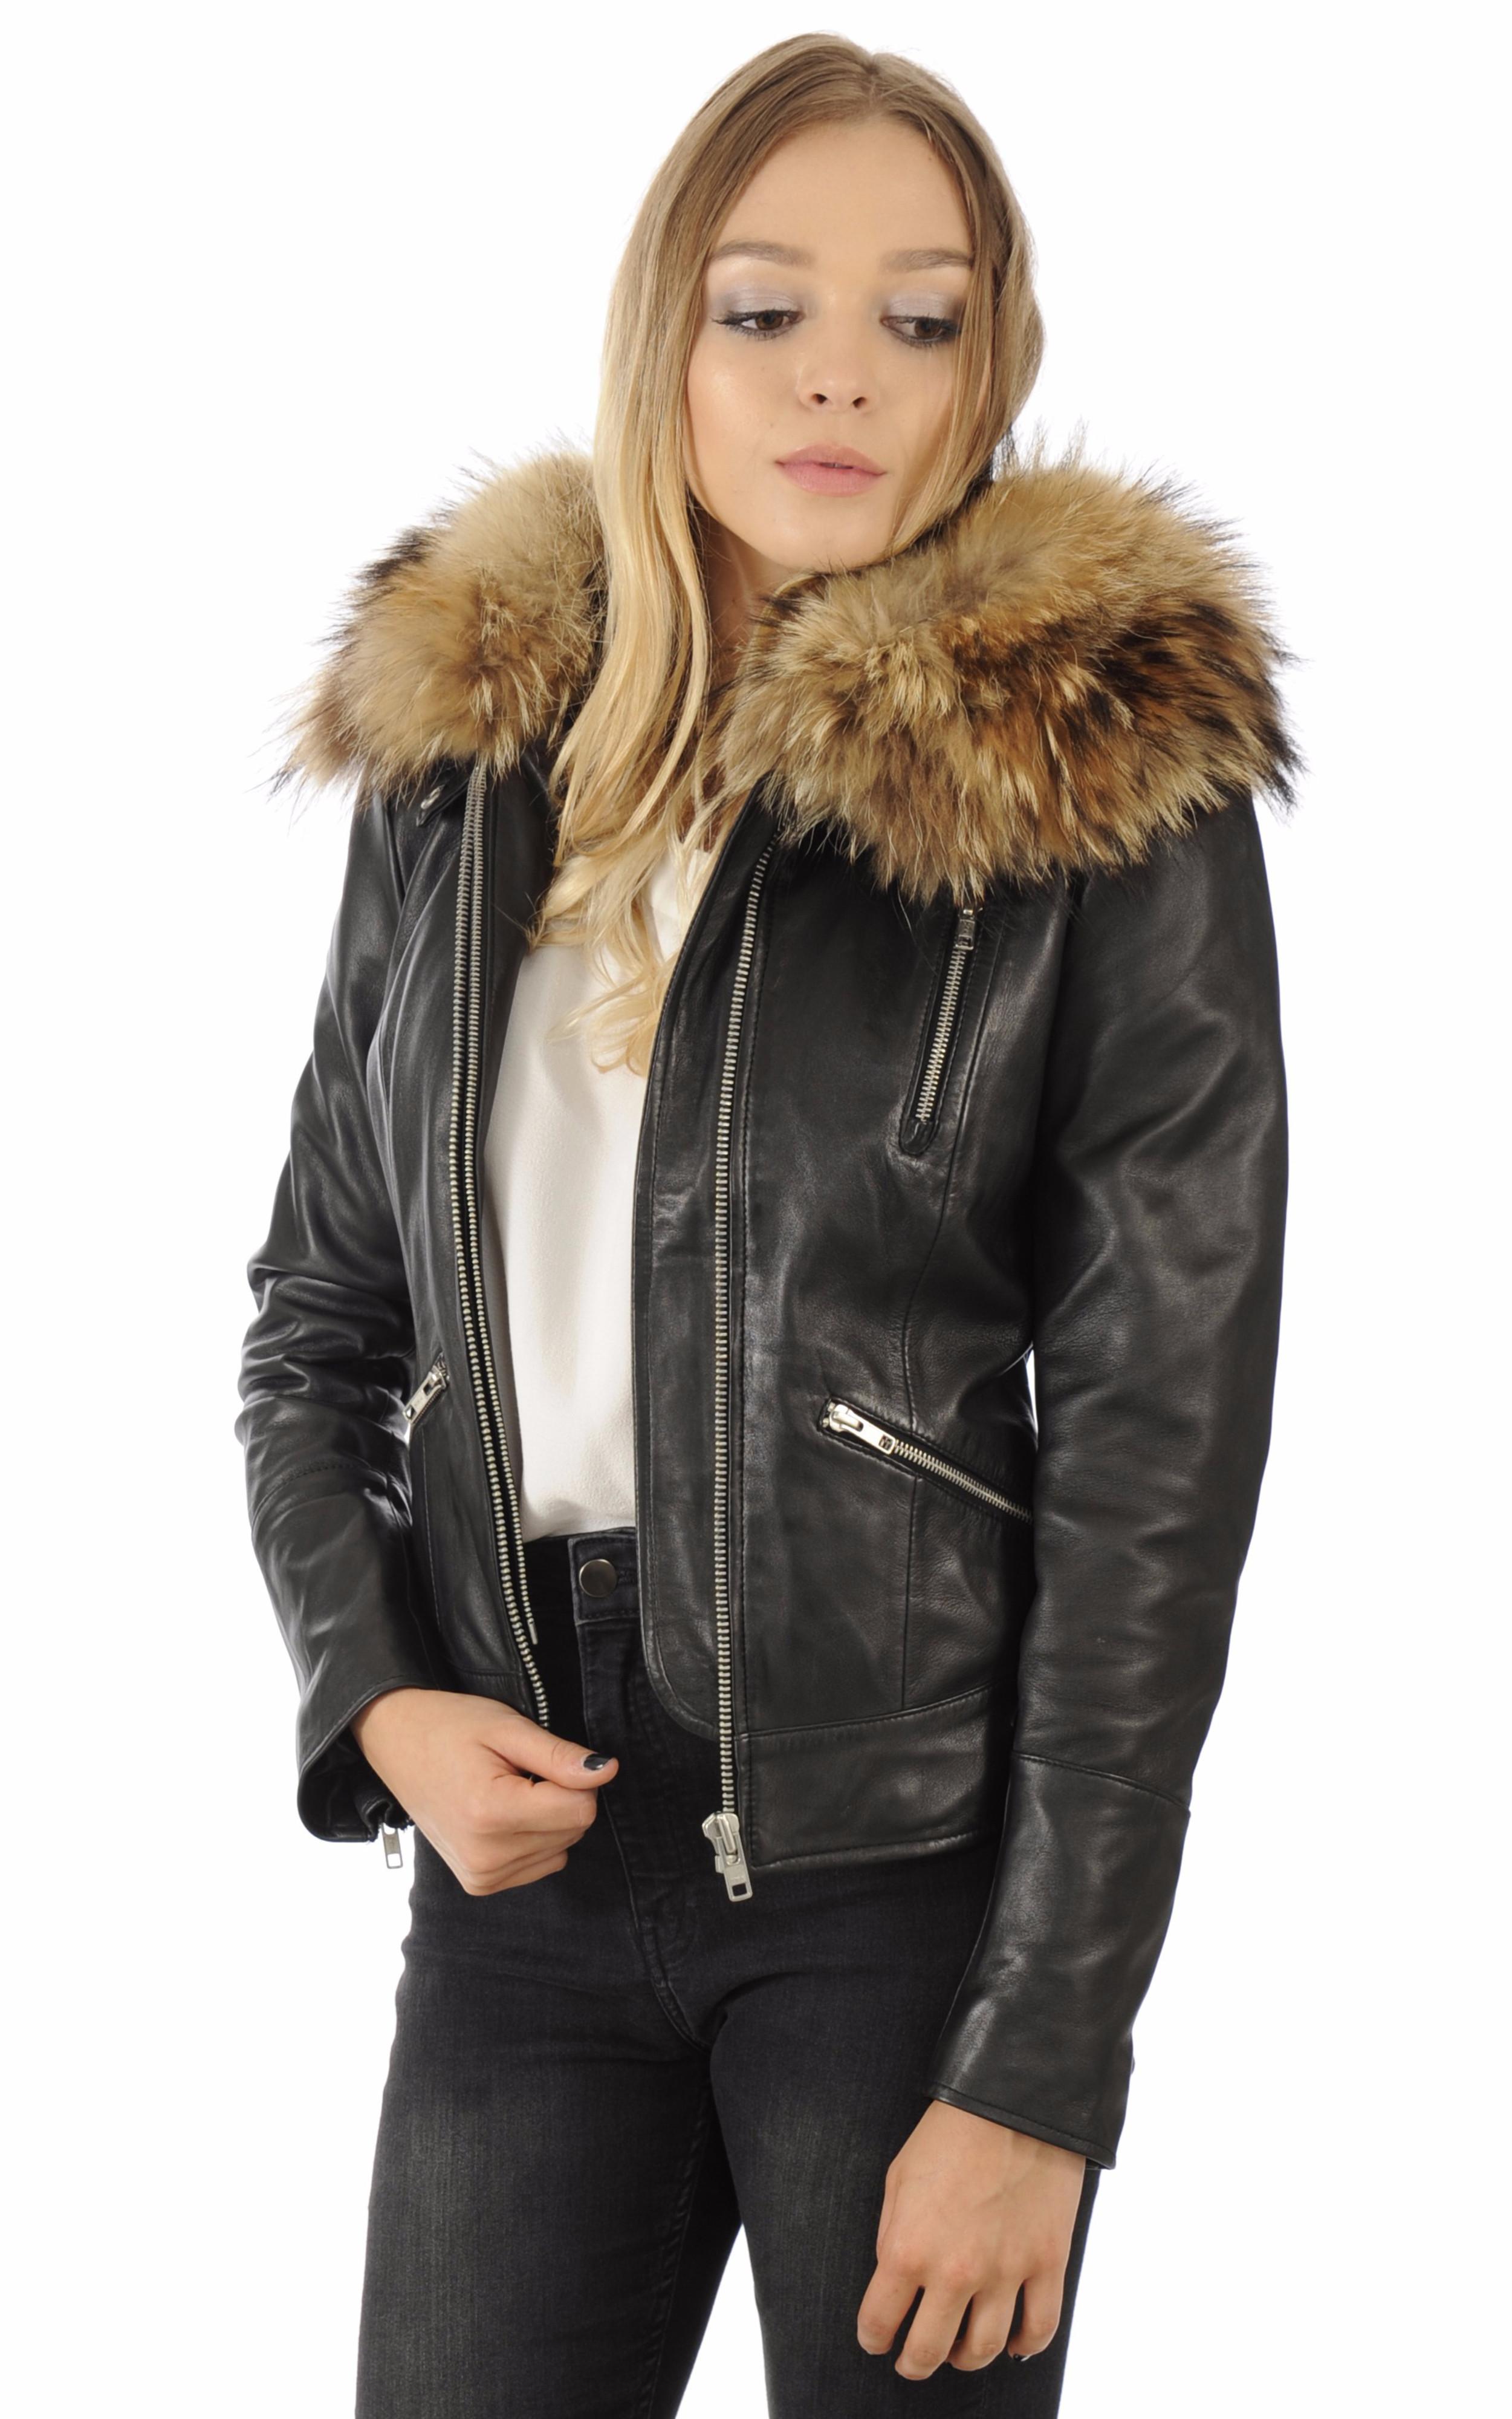 blouson cuir noir capuche fourrure serge pariente la canadienne blouson cuir noir. Black Bedroom Furniture Sets. Home Design Ideas